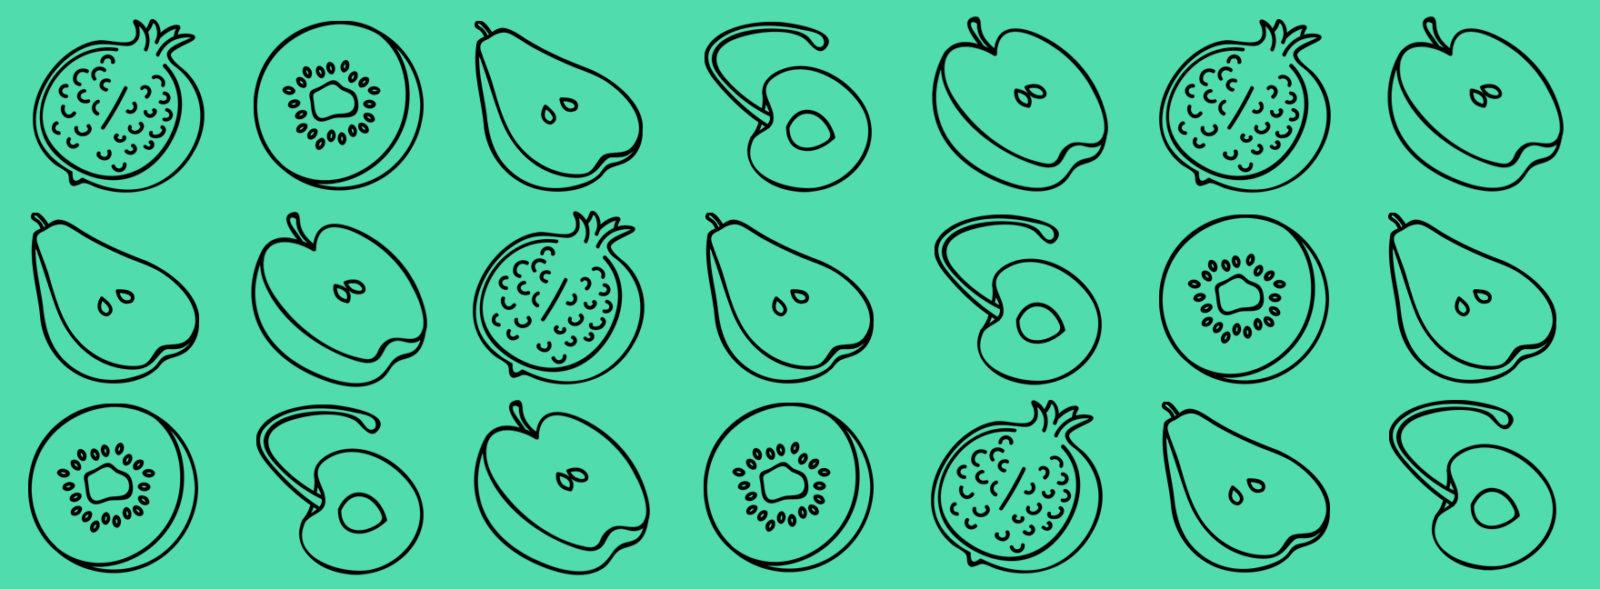 Äpfel und Birnen...unterschiedliche Objektgattungen in museum4punkt0